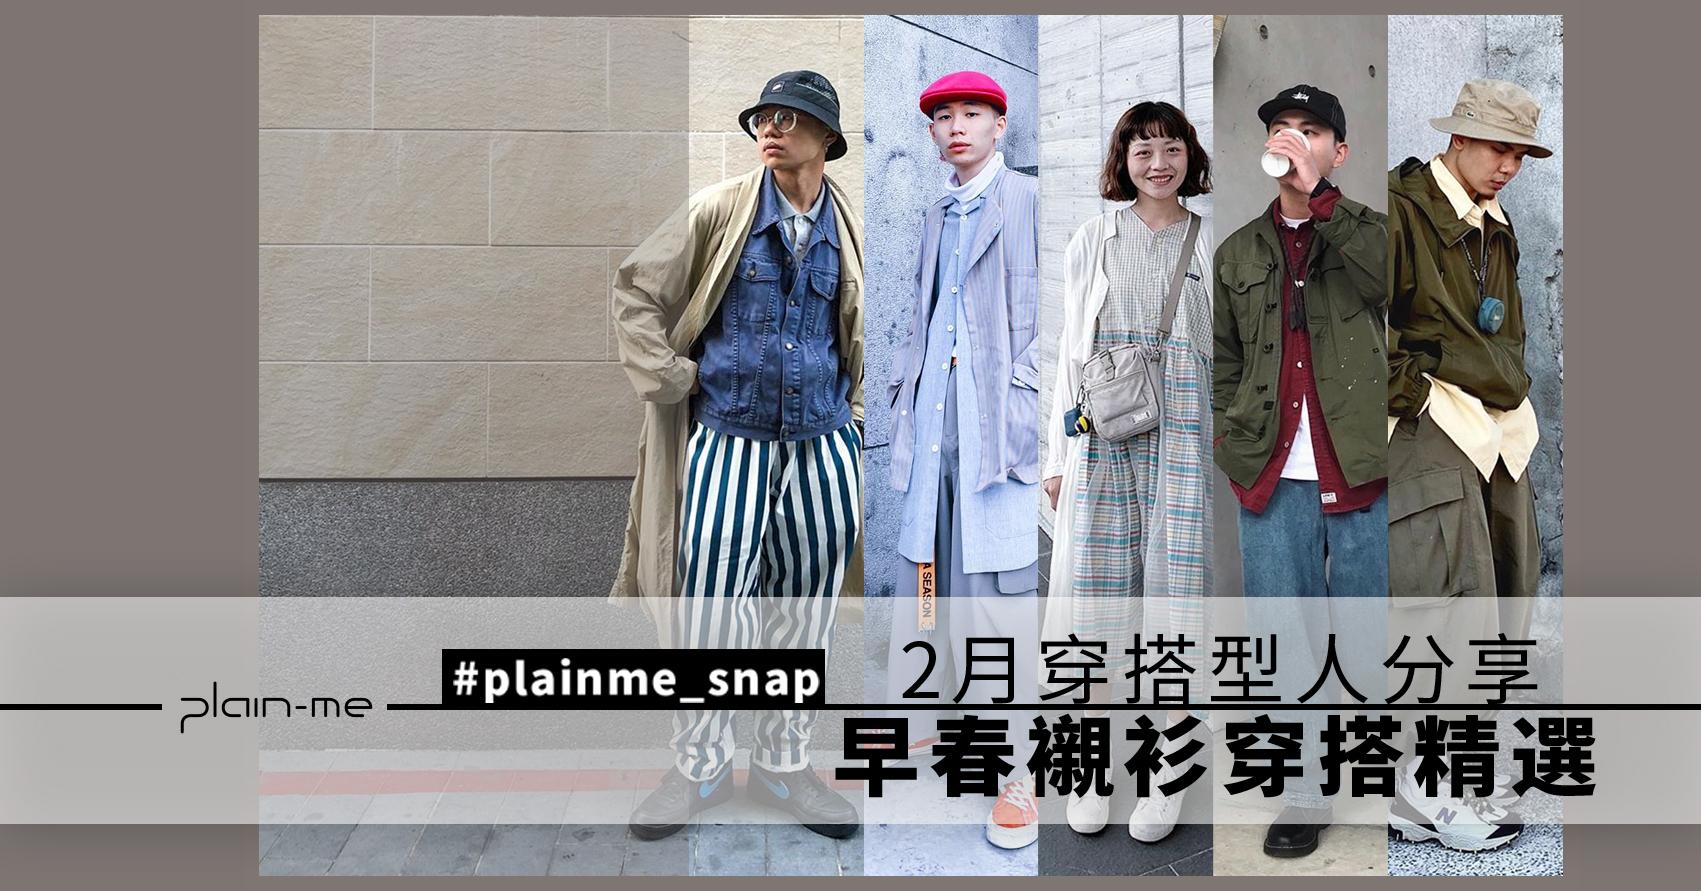 穿搭風格,穿搭型人,IG,plainme_snap,instagram,搭配,穿搭,搭配,型人,穿搭,IG型人穿搭,早春穿搭,春夏穿搭,春季穿搭